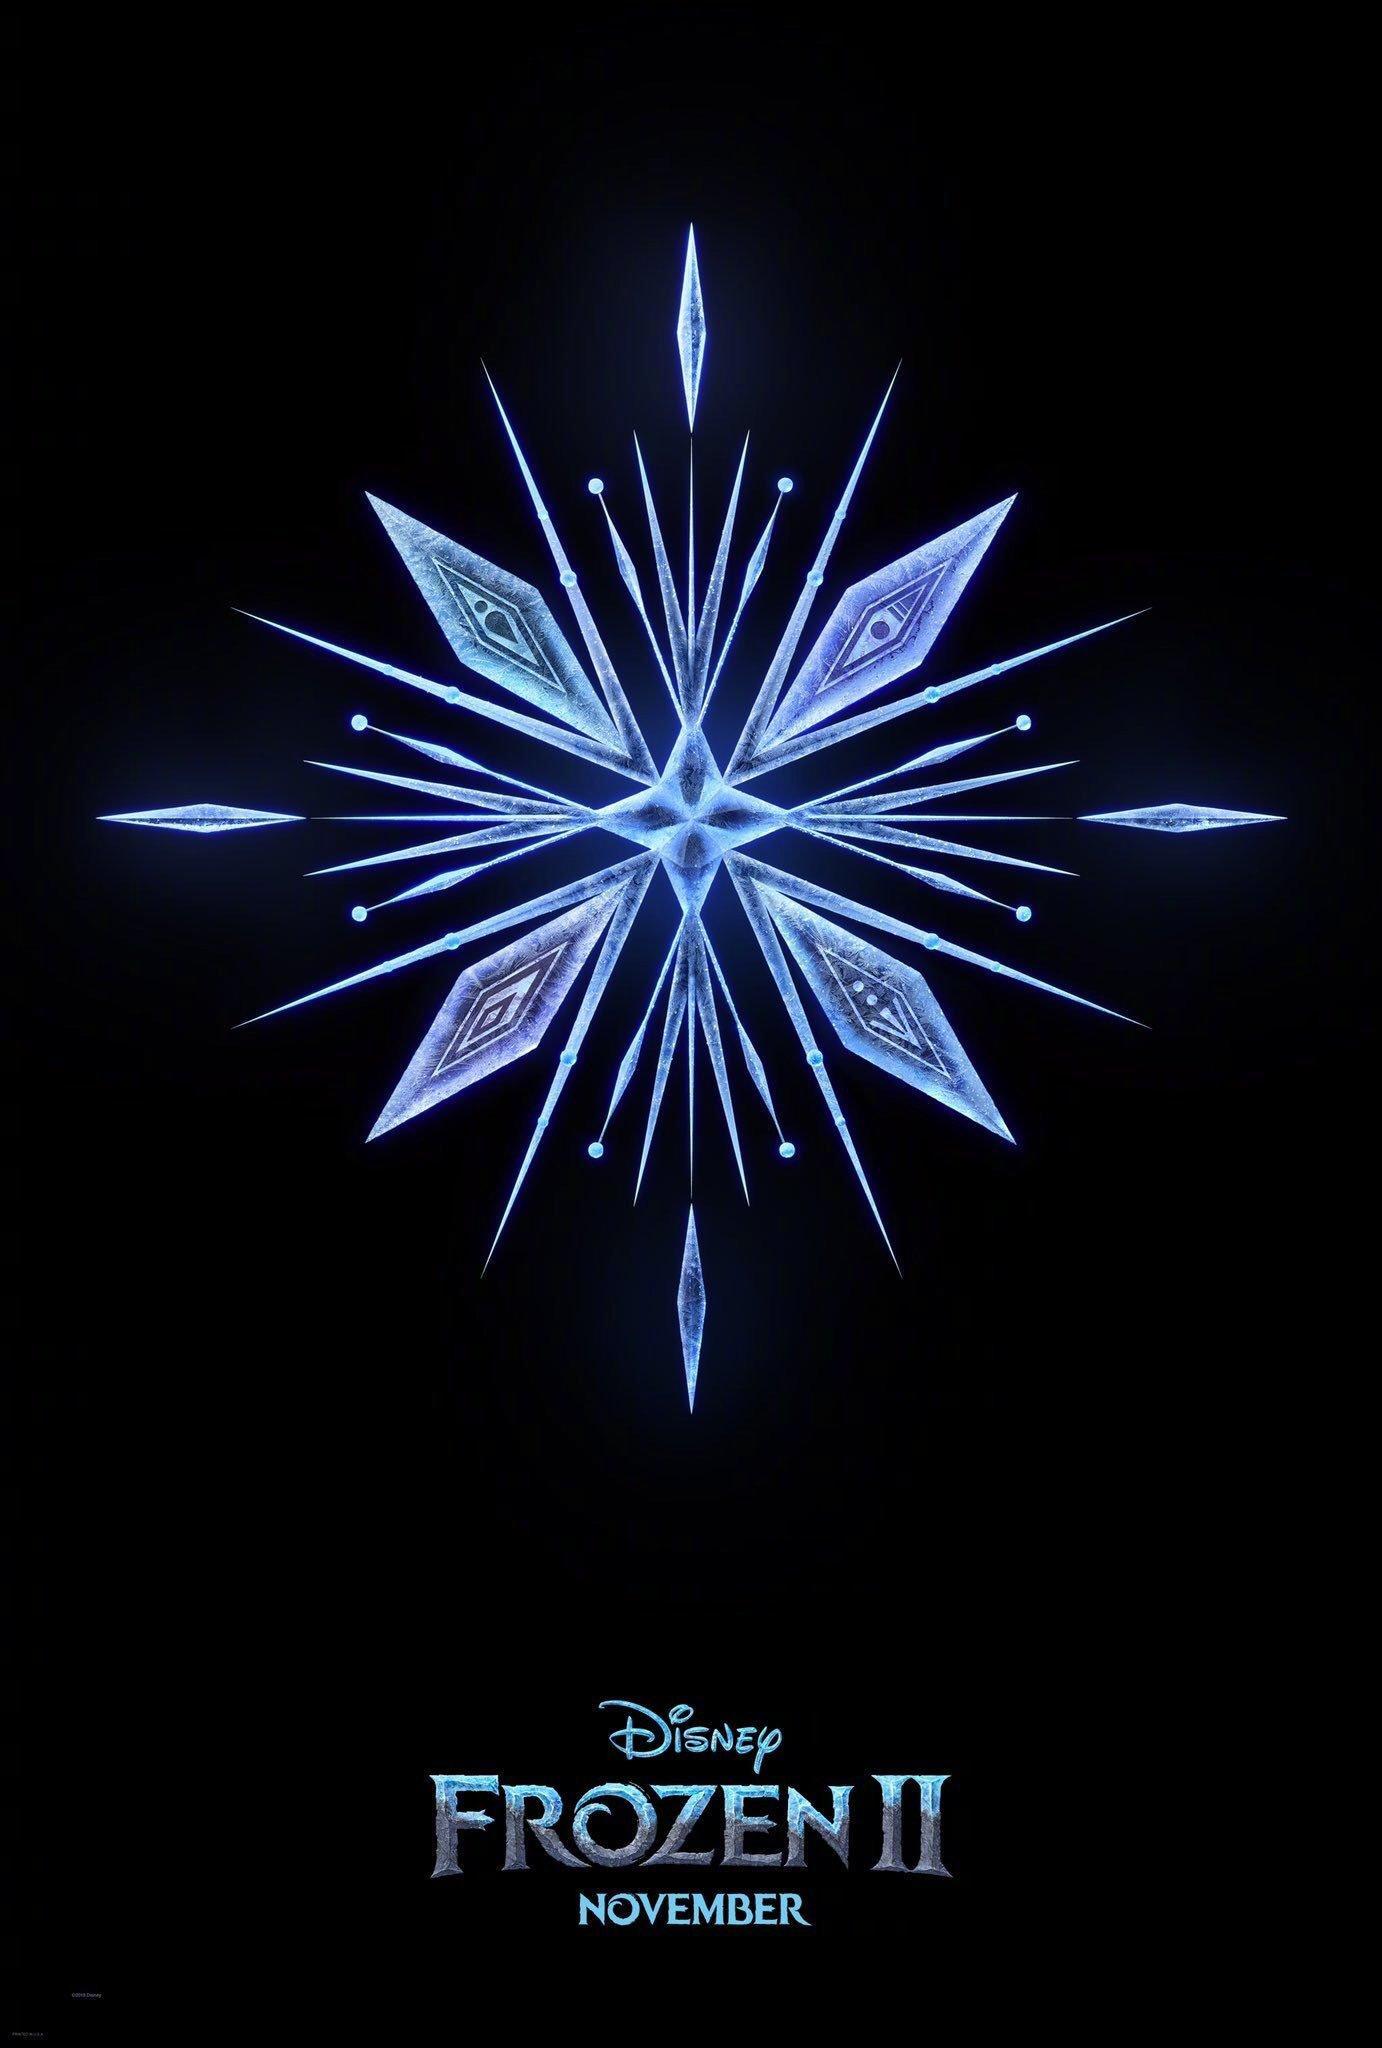 《冰雪奇缘2》发布先导海报及预告